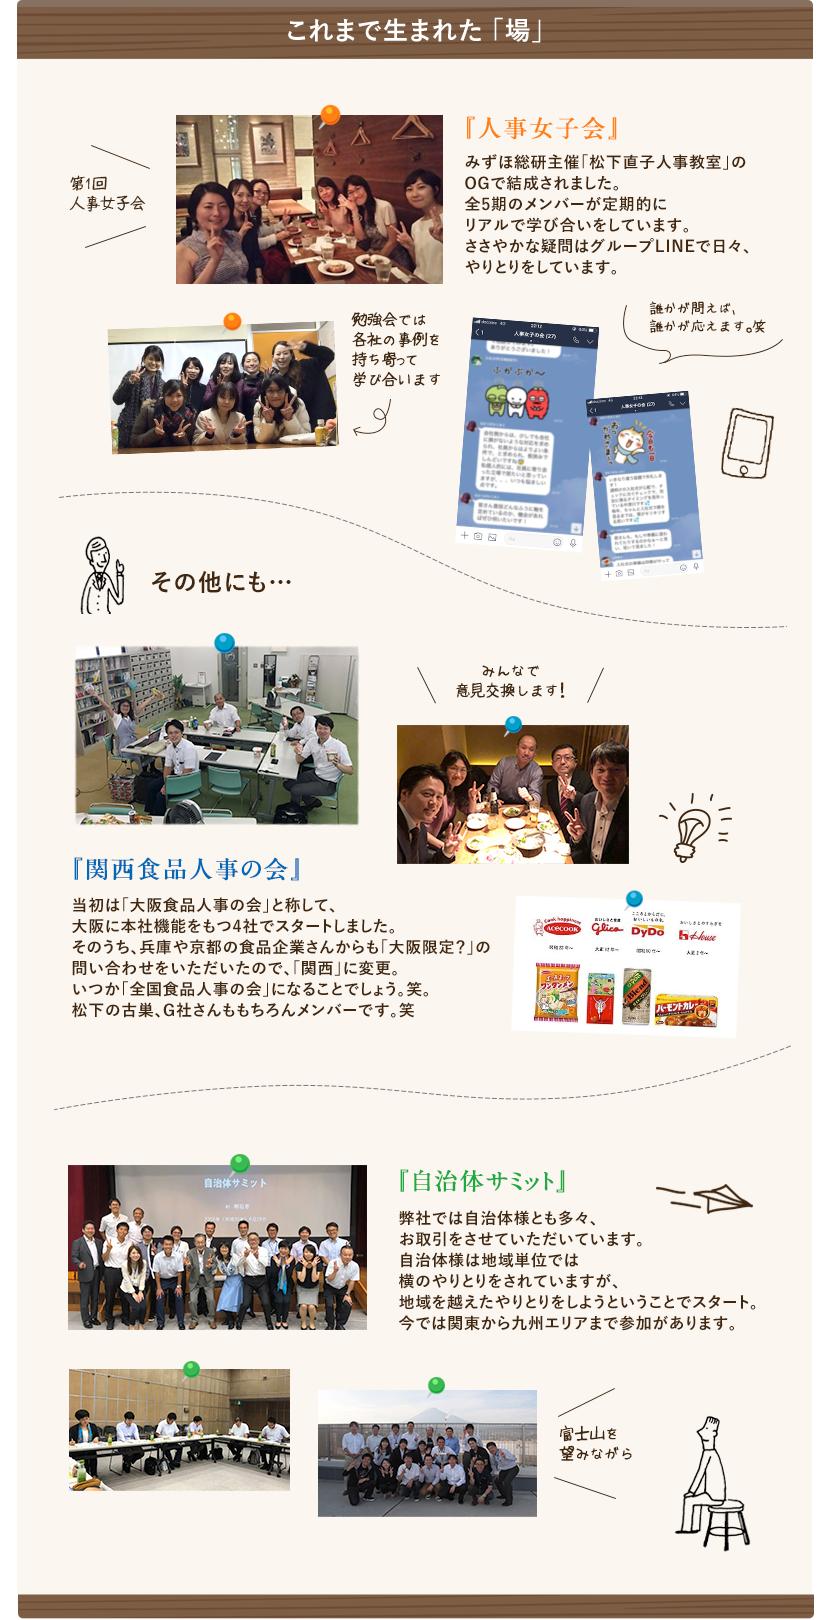 これまで生まれた 「場」|『人事女子会』みずほ総研主催「松下直子人事教室」のOGで結成されました。全5期のメンバーが定期的にリアルで学び合いをしています。ささやかな疑問はグループLINEで日々、やりとりをしています。|『関西食品人事の会』当初は「大阪食品人事の会」と称して、大阪に本社機能をもつ4社でスタートしました。そのうち、兵庫や京都の食品企業さんからも「大阪限定?」の問い合わせをいただいたので、「関西」に変更。いつか「全国食品人事の会」になることでしょう。笑。松下の古巣、G社さんももちろんメンバーです。|『自治体サミット』弊社では自治体様とも多々、お取引をさせていただいています。自治体様は地域単位では横のやりとりをされていますが、地域を越えたやりとりをしようということでスタート。今では関東から九州エリアまで参加があります。